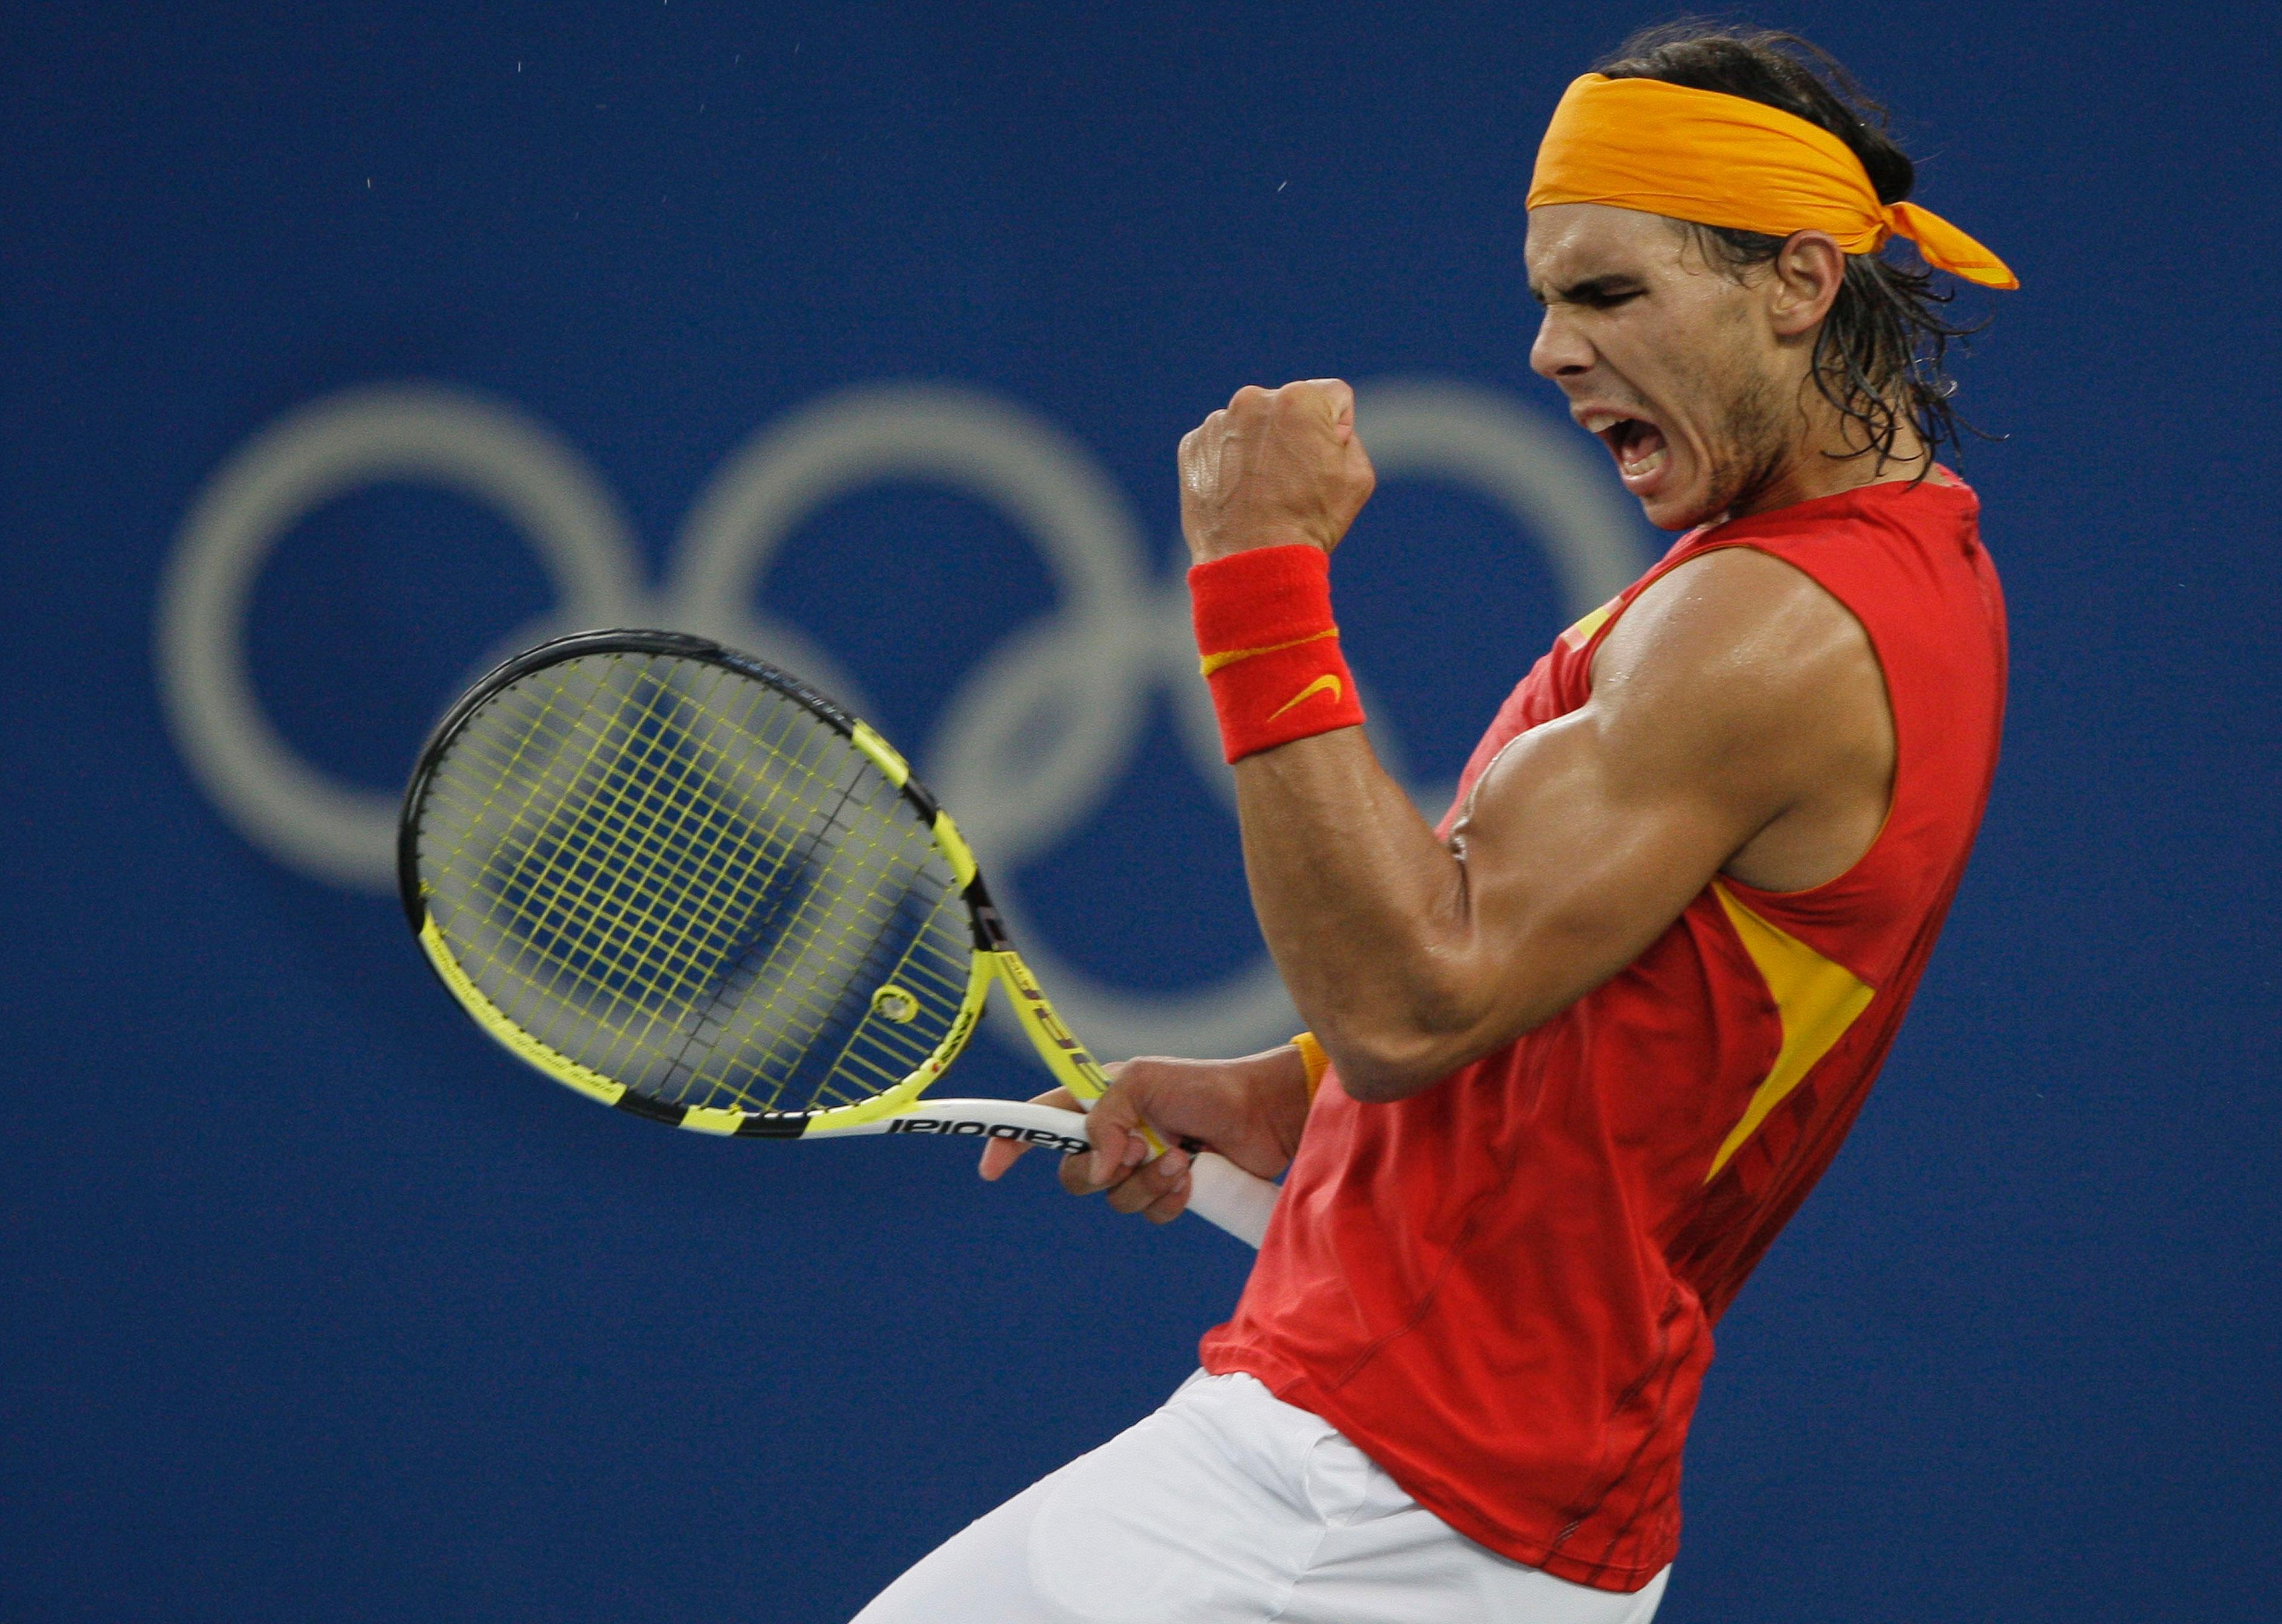 هر آنچه باید از رشته تنیس بدانید